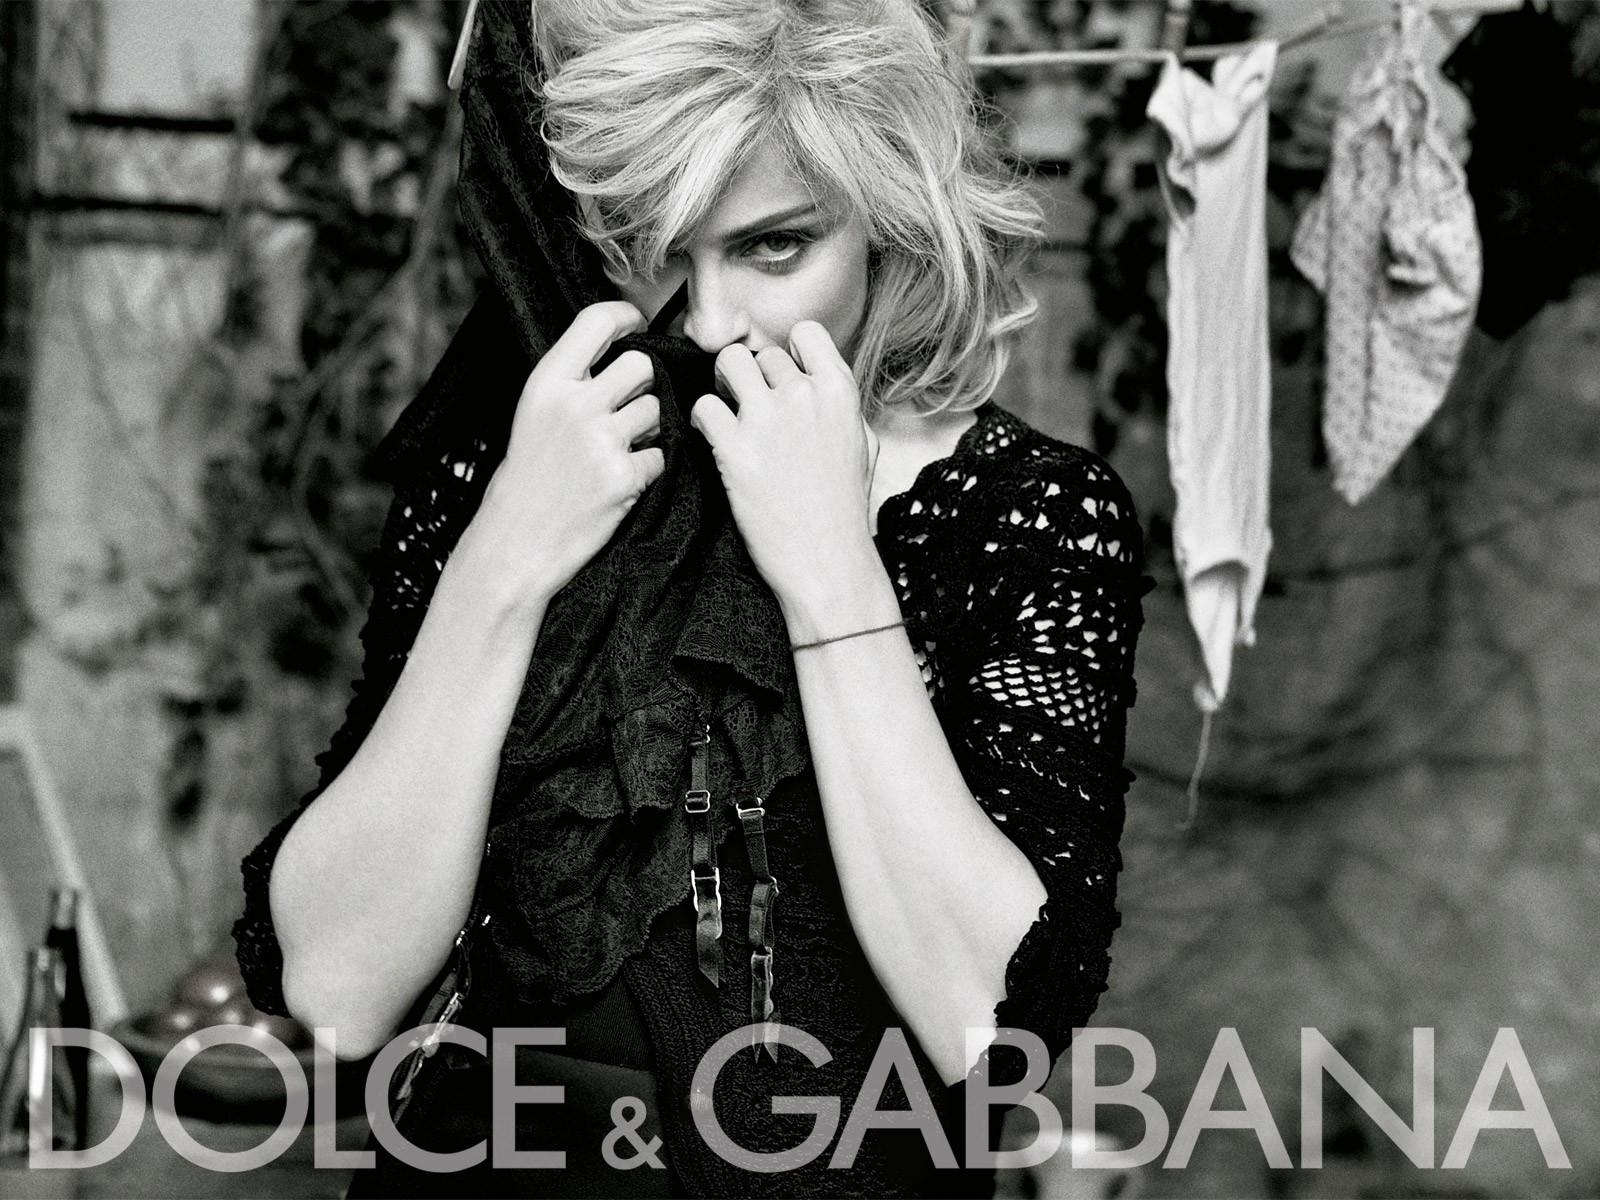 Wallpaper: Madonna alle prese con il bucato in una foto della campagna pubblicitaria di Dolce e Gabbana (2009-10)